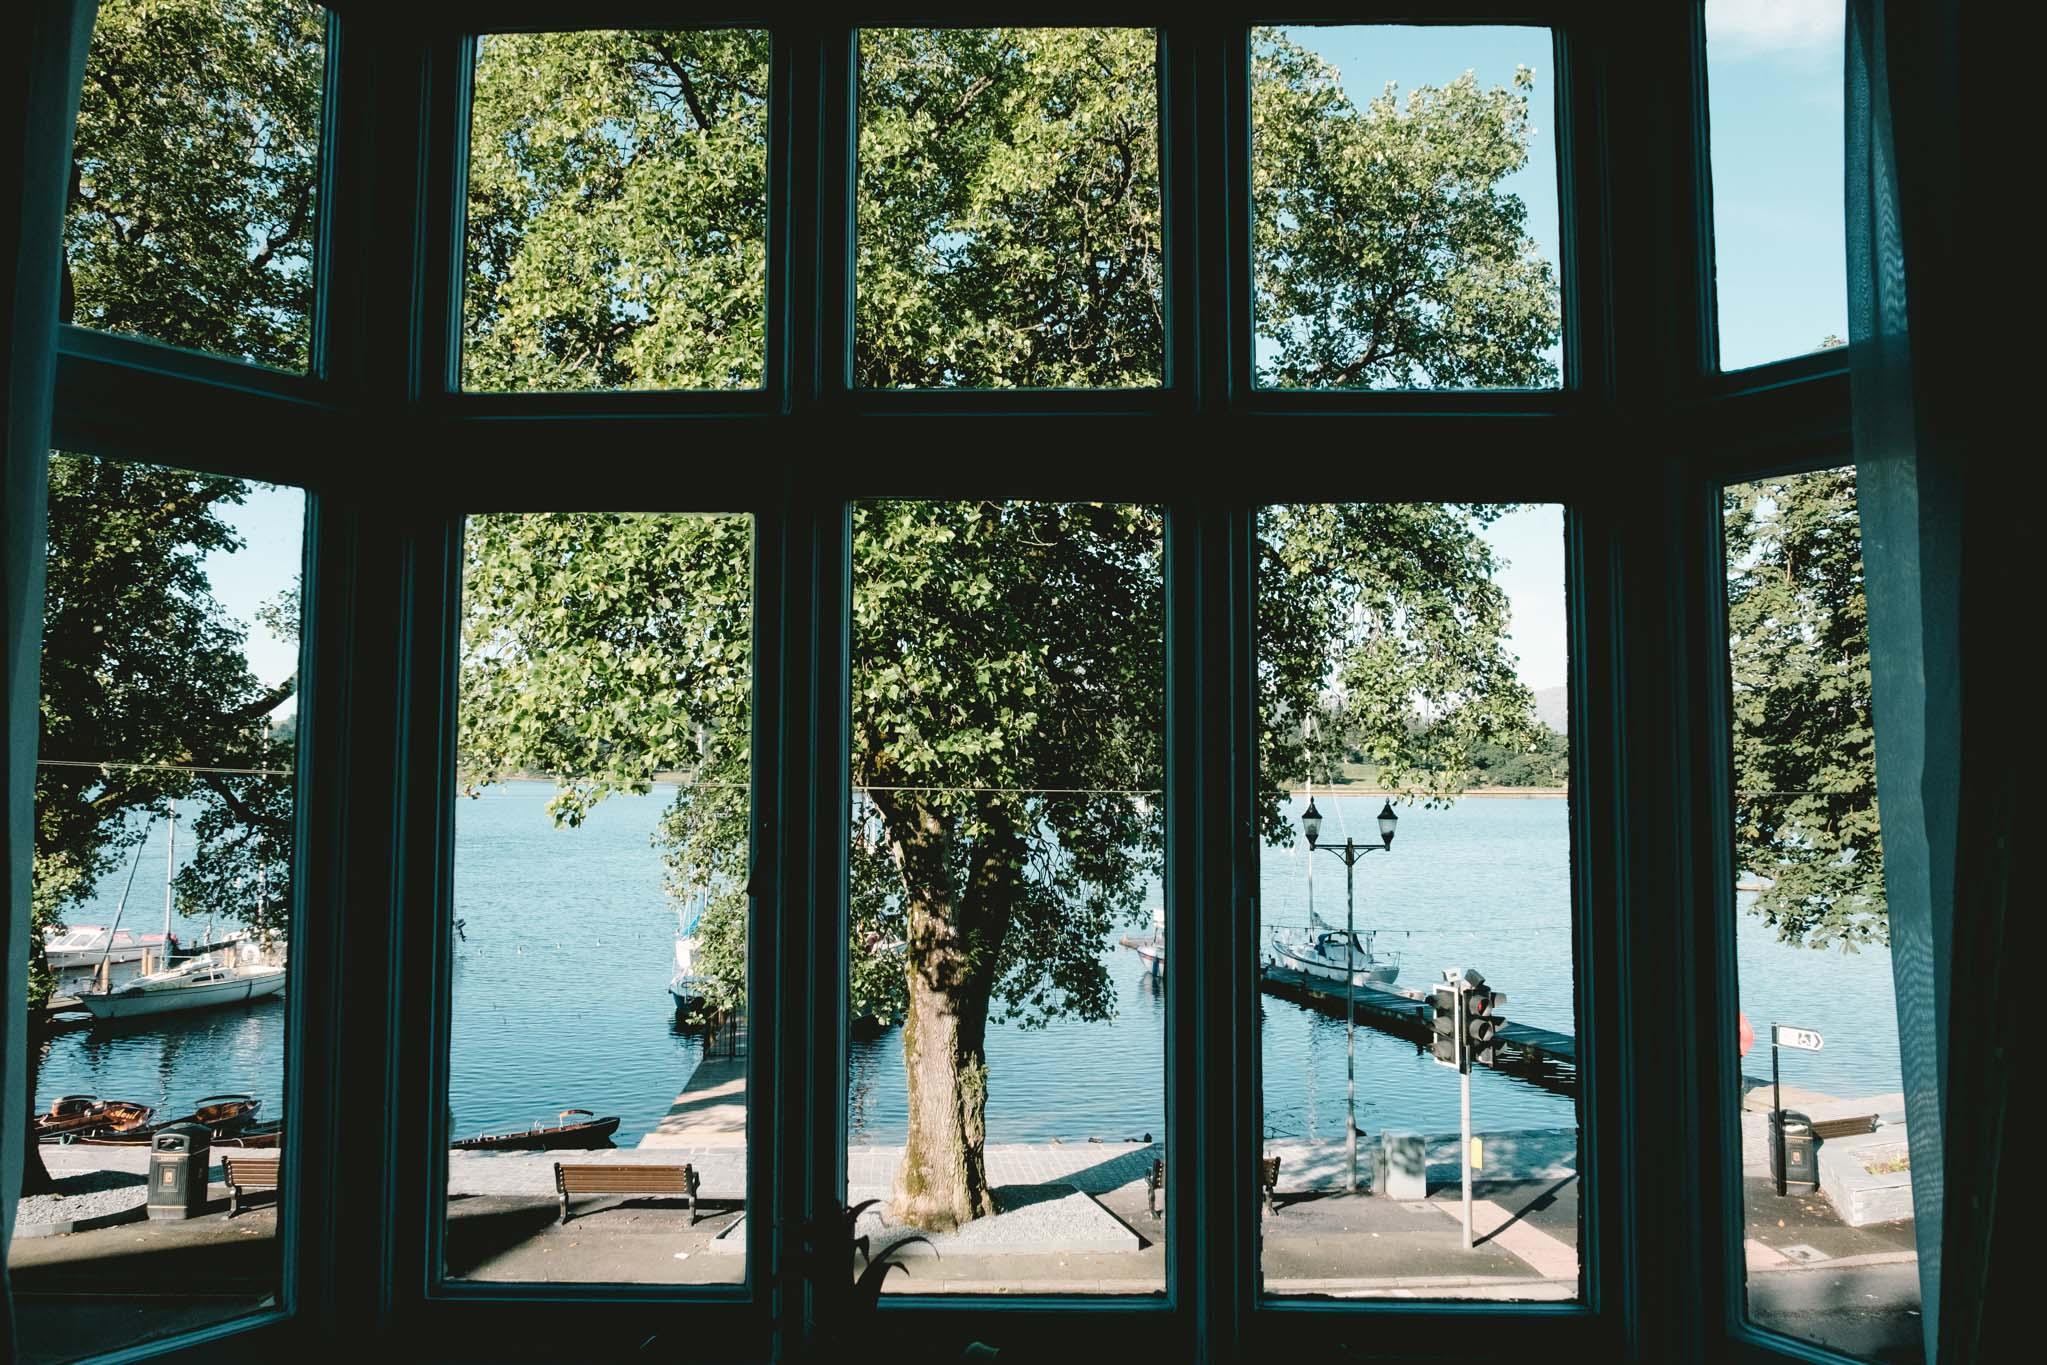 Waterhead-Hotel-Ambleside-160824-090634.jpg